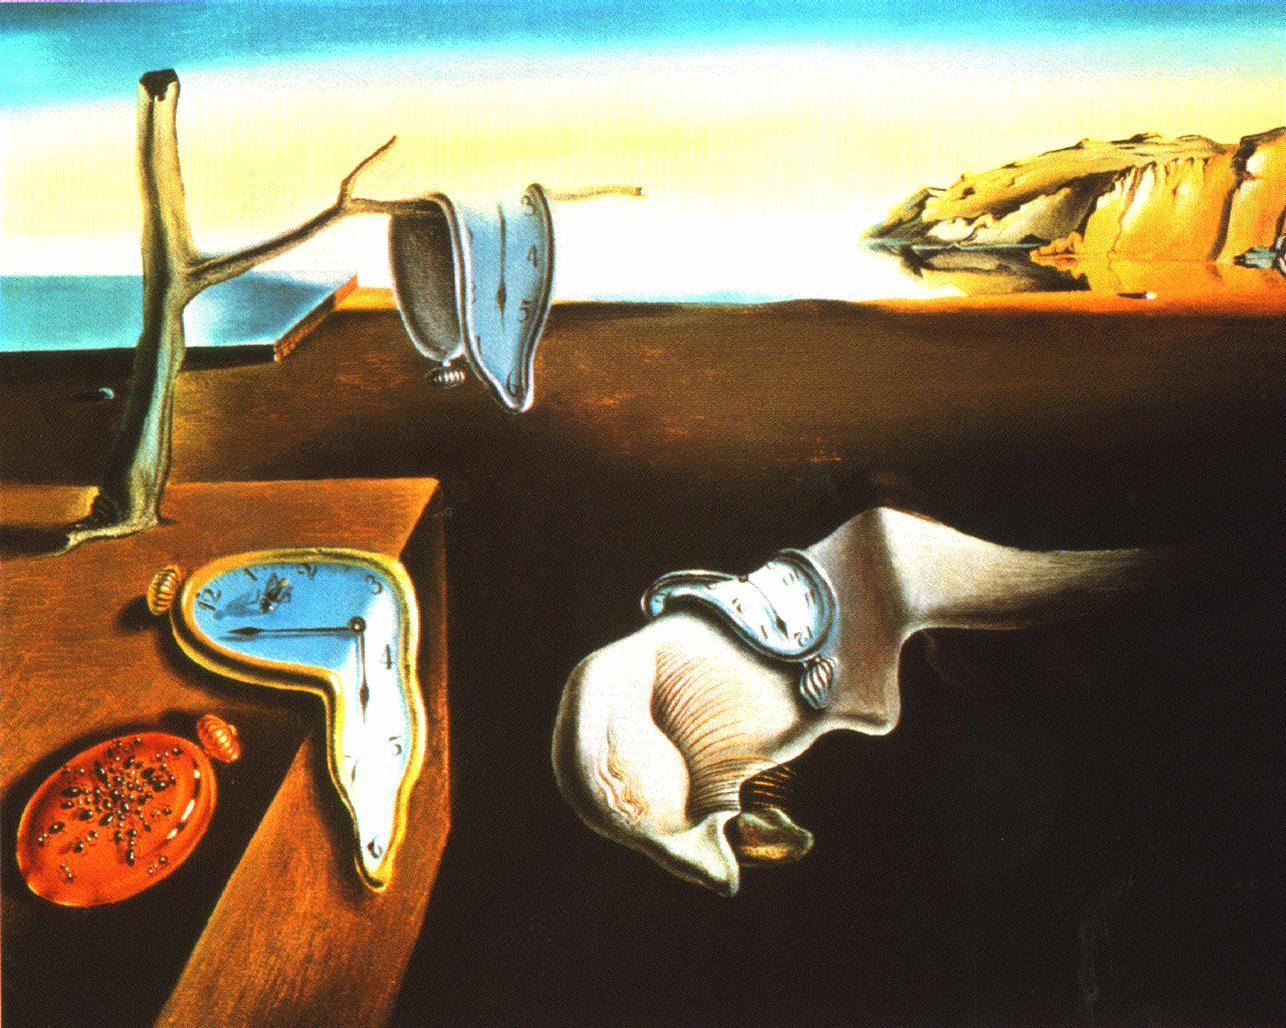 Miękkie zegary Dalego (właściwy tytuł: Trwałość pamięci), 1931, olej na płótnie, 24 x 33 cm, The Museum of Modern Art, Nowy Jork